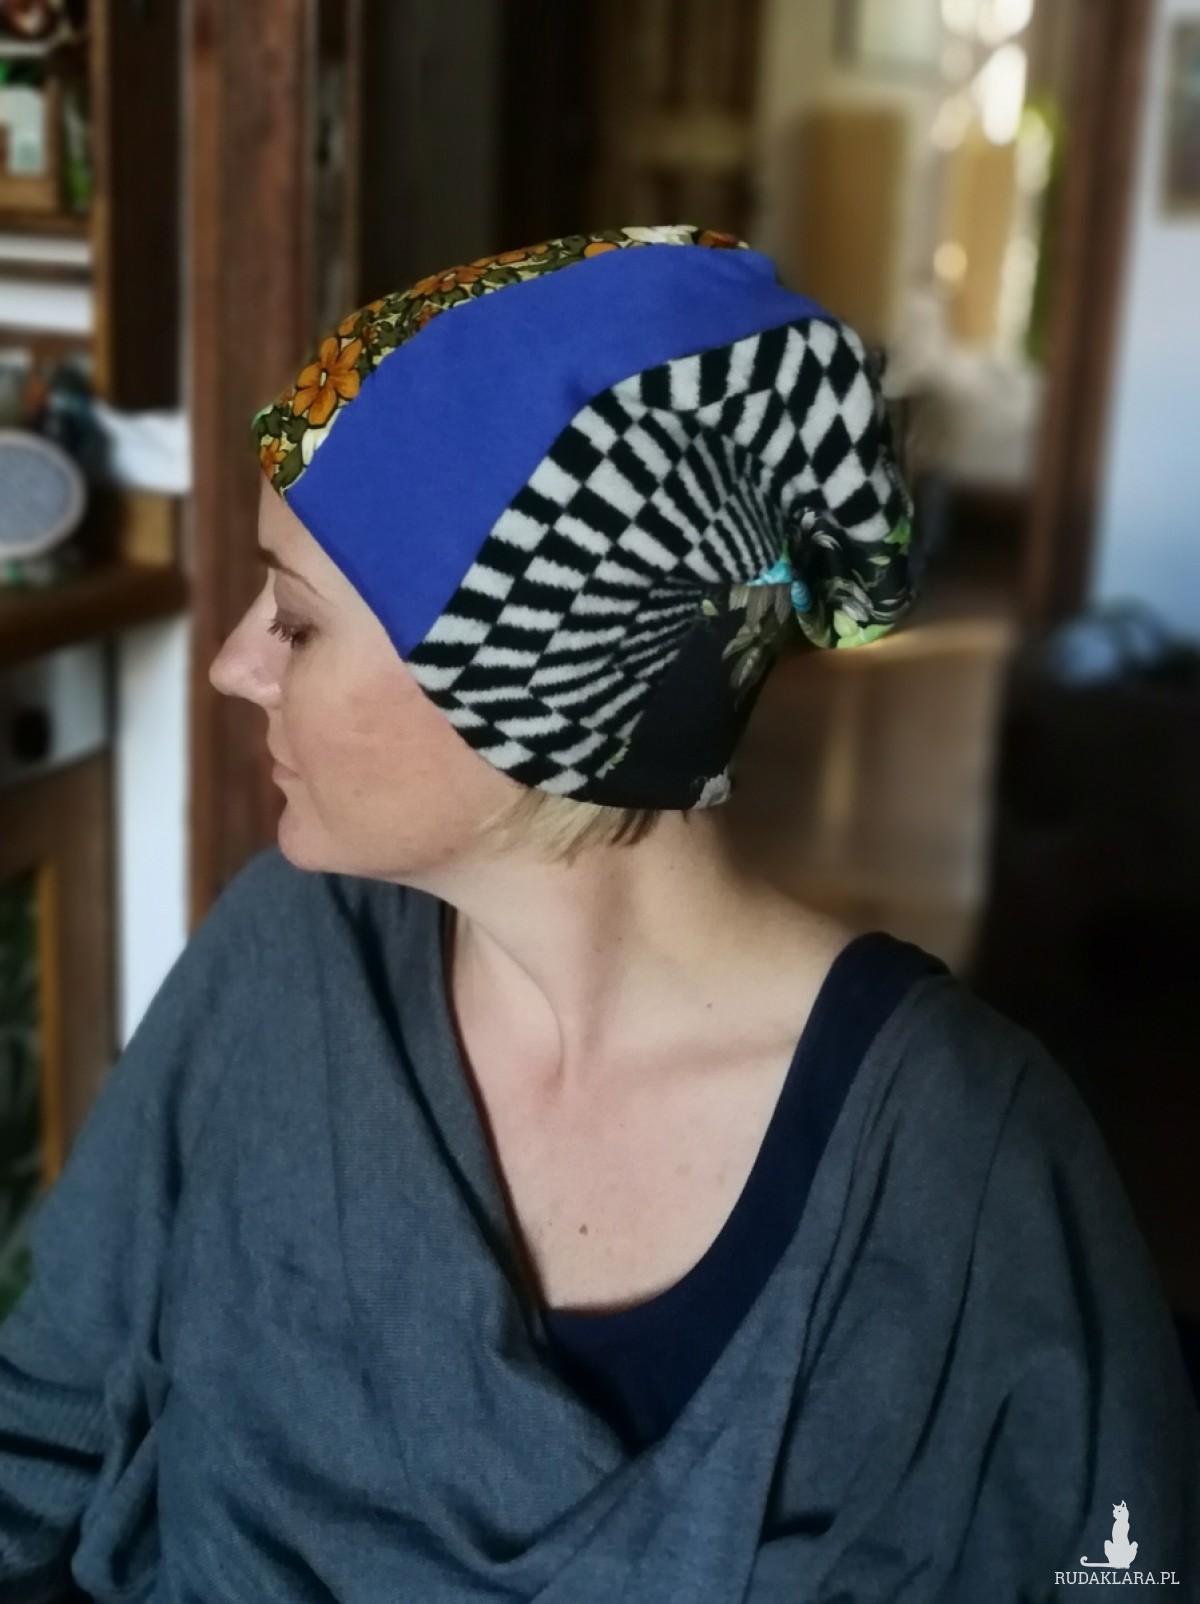 czapka damska patchworkowa dobra na codzienne noszenie